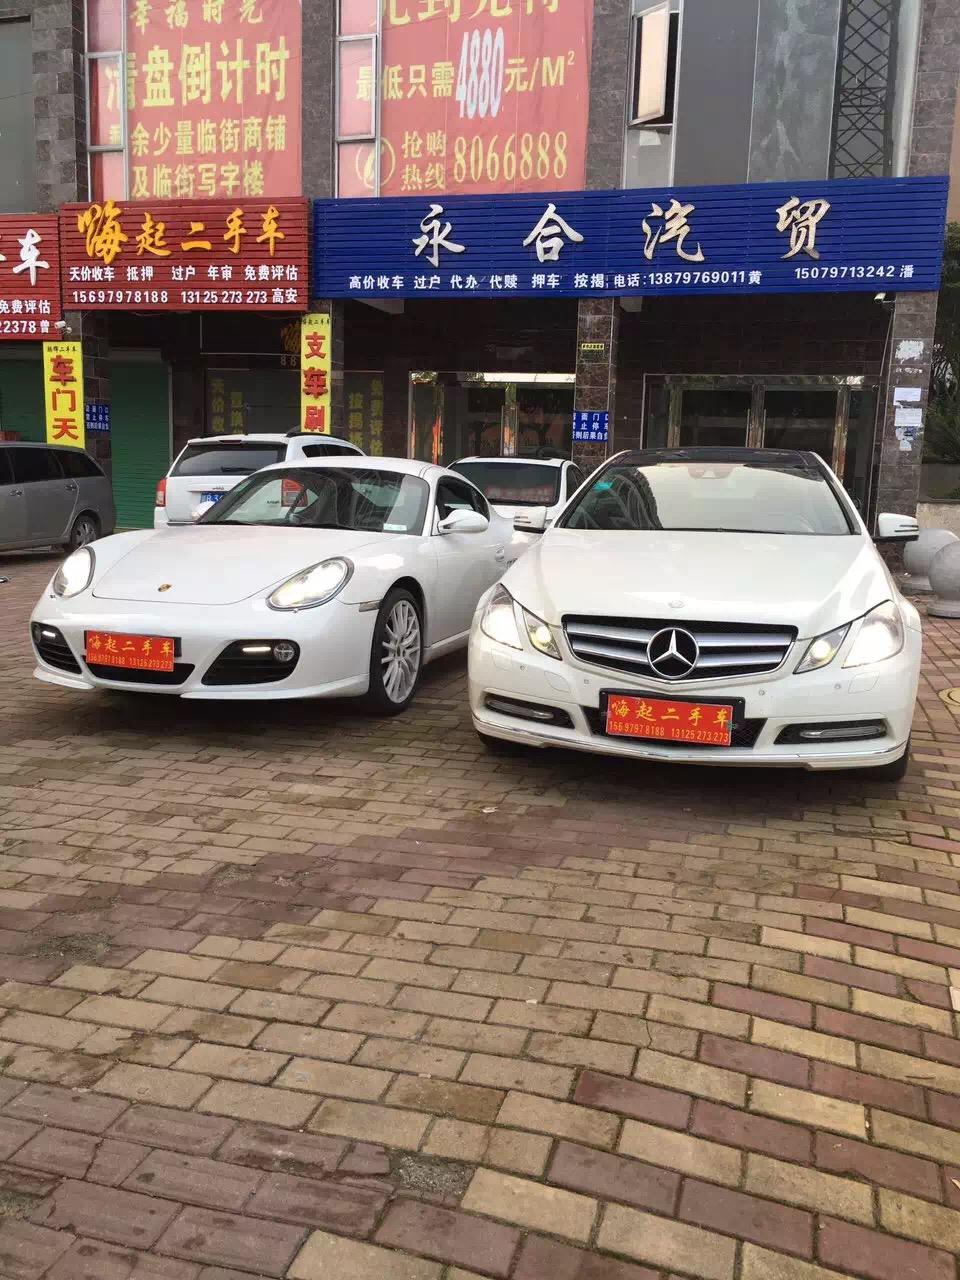 470843嗨起二手车新葡京网址-新葡京网站-新葡京官网二分店